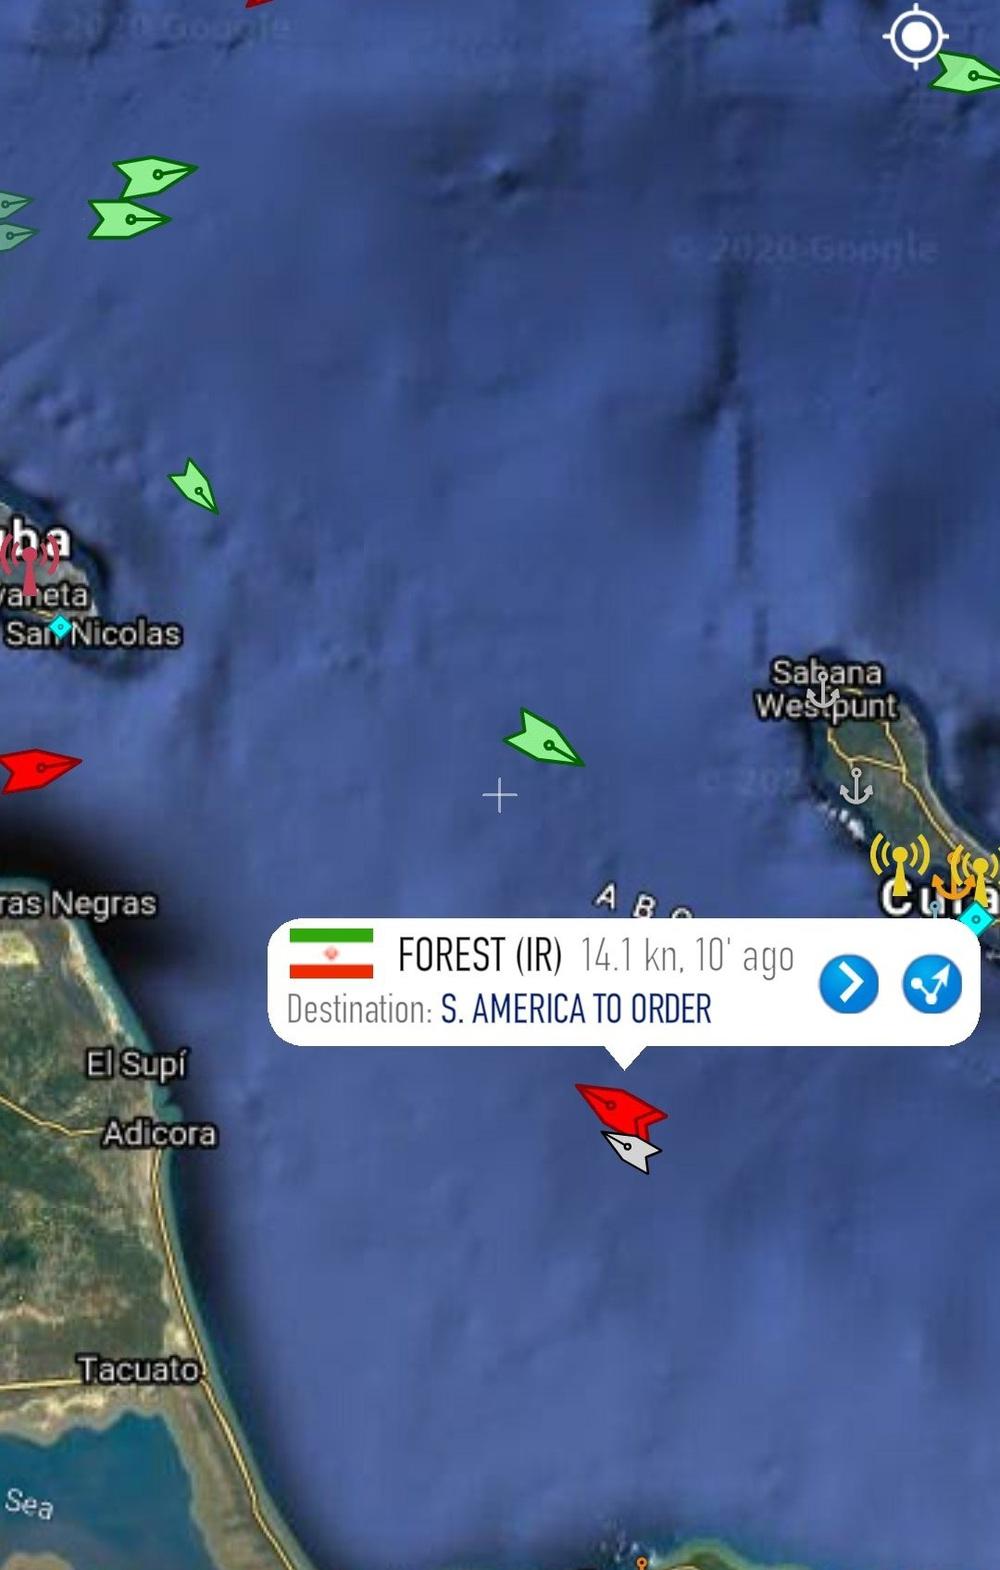 NÓNG: Liên tiếp đột phá, tỷ số sắp là 3-0, Venezuela-Iran dẫn trước - Cái gọi là vòng vây của Hải quân Mỹ rách toang? - Ảnh 5.